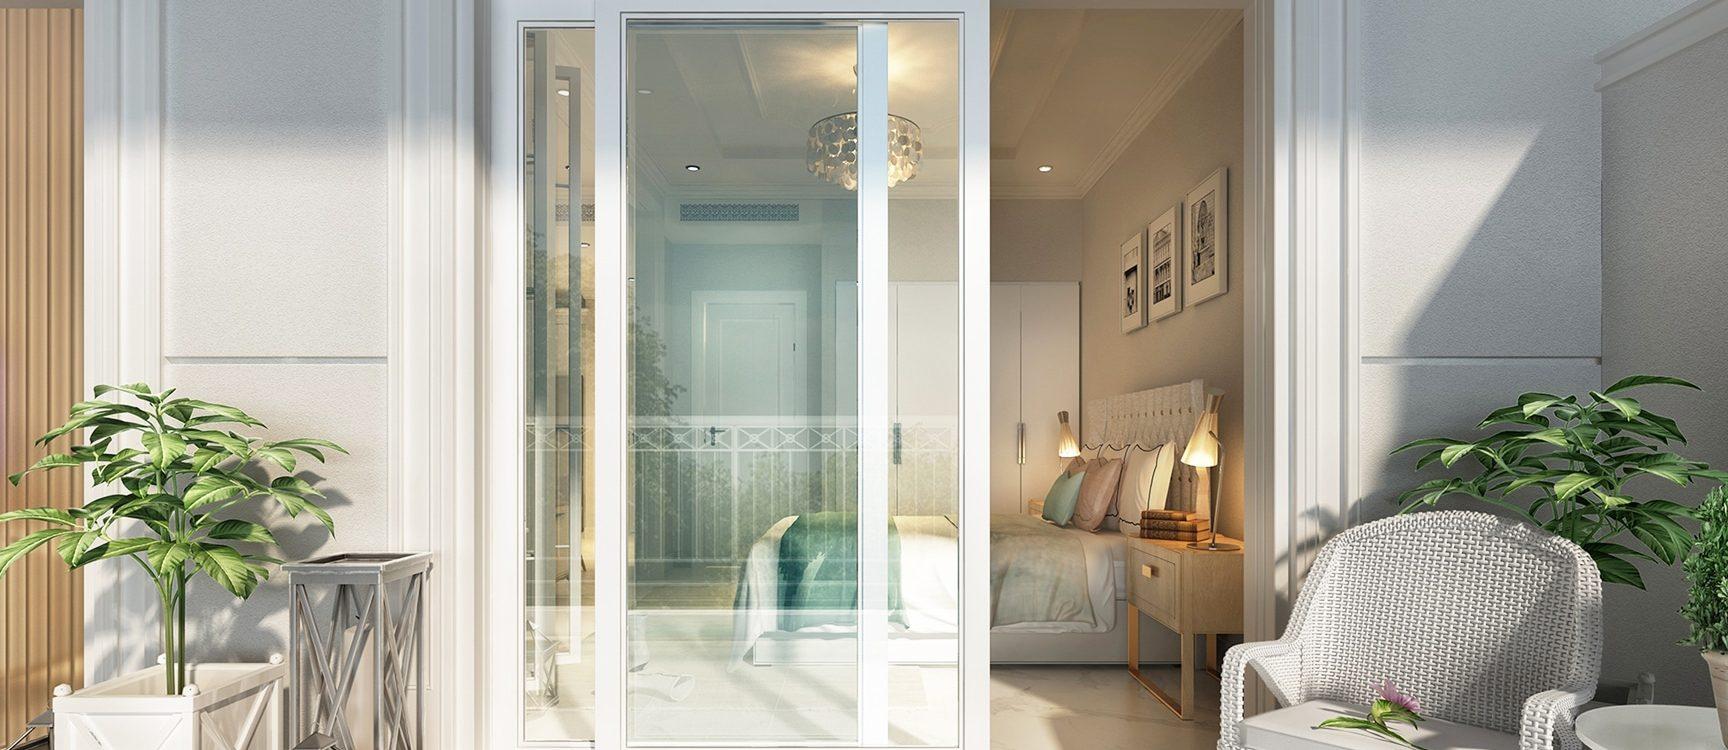 apartments-for-sale-in-vincitore-benessere-dubai-view4